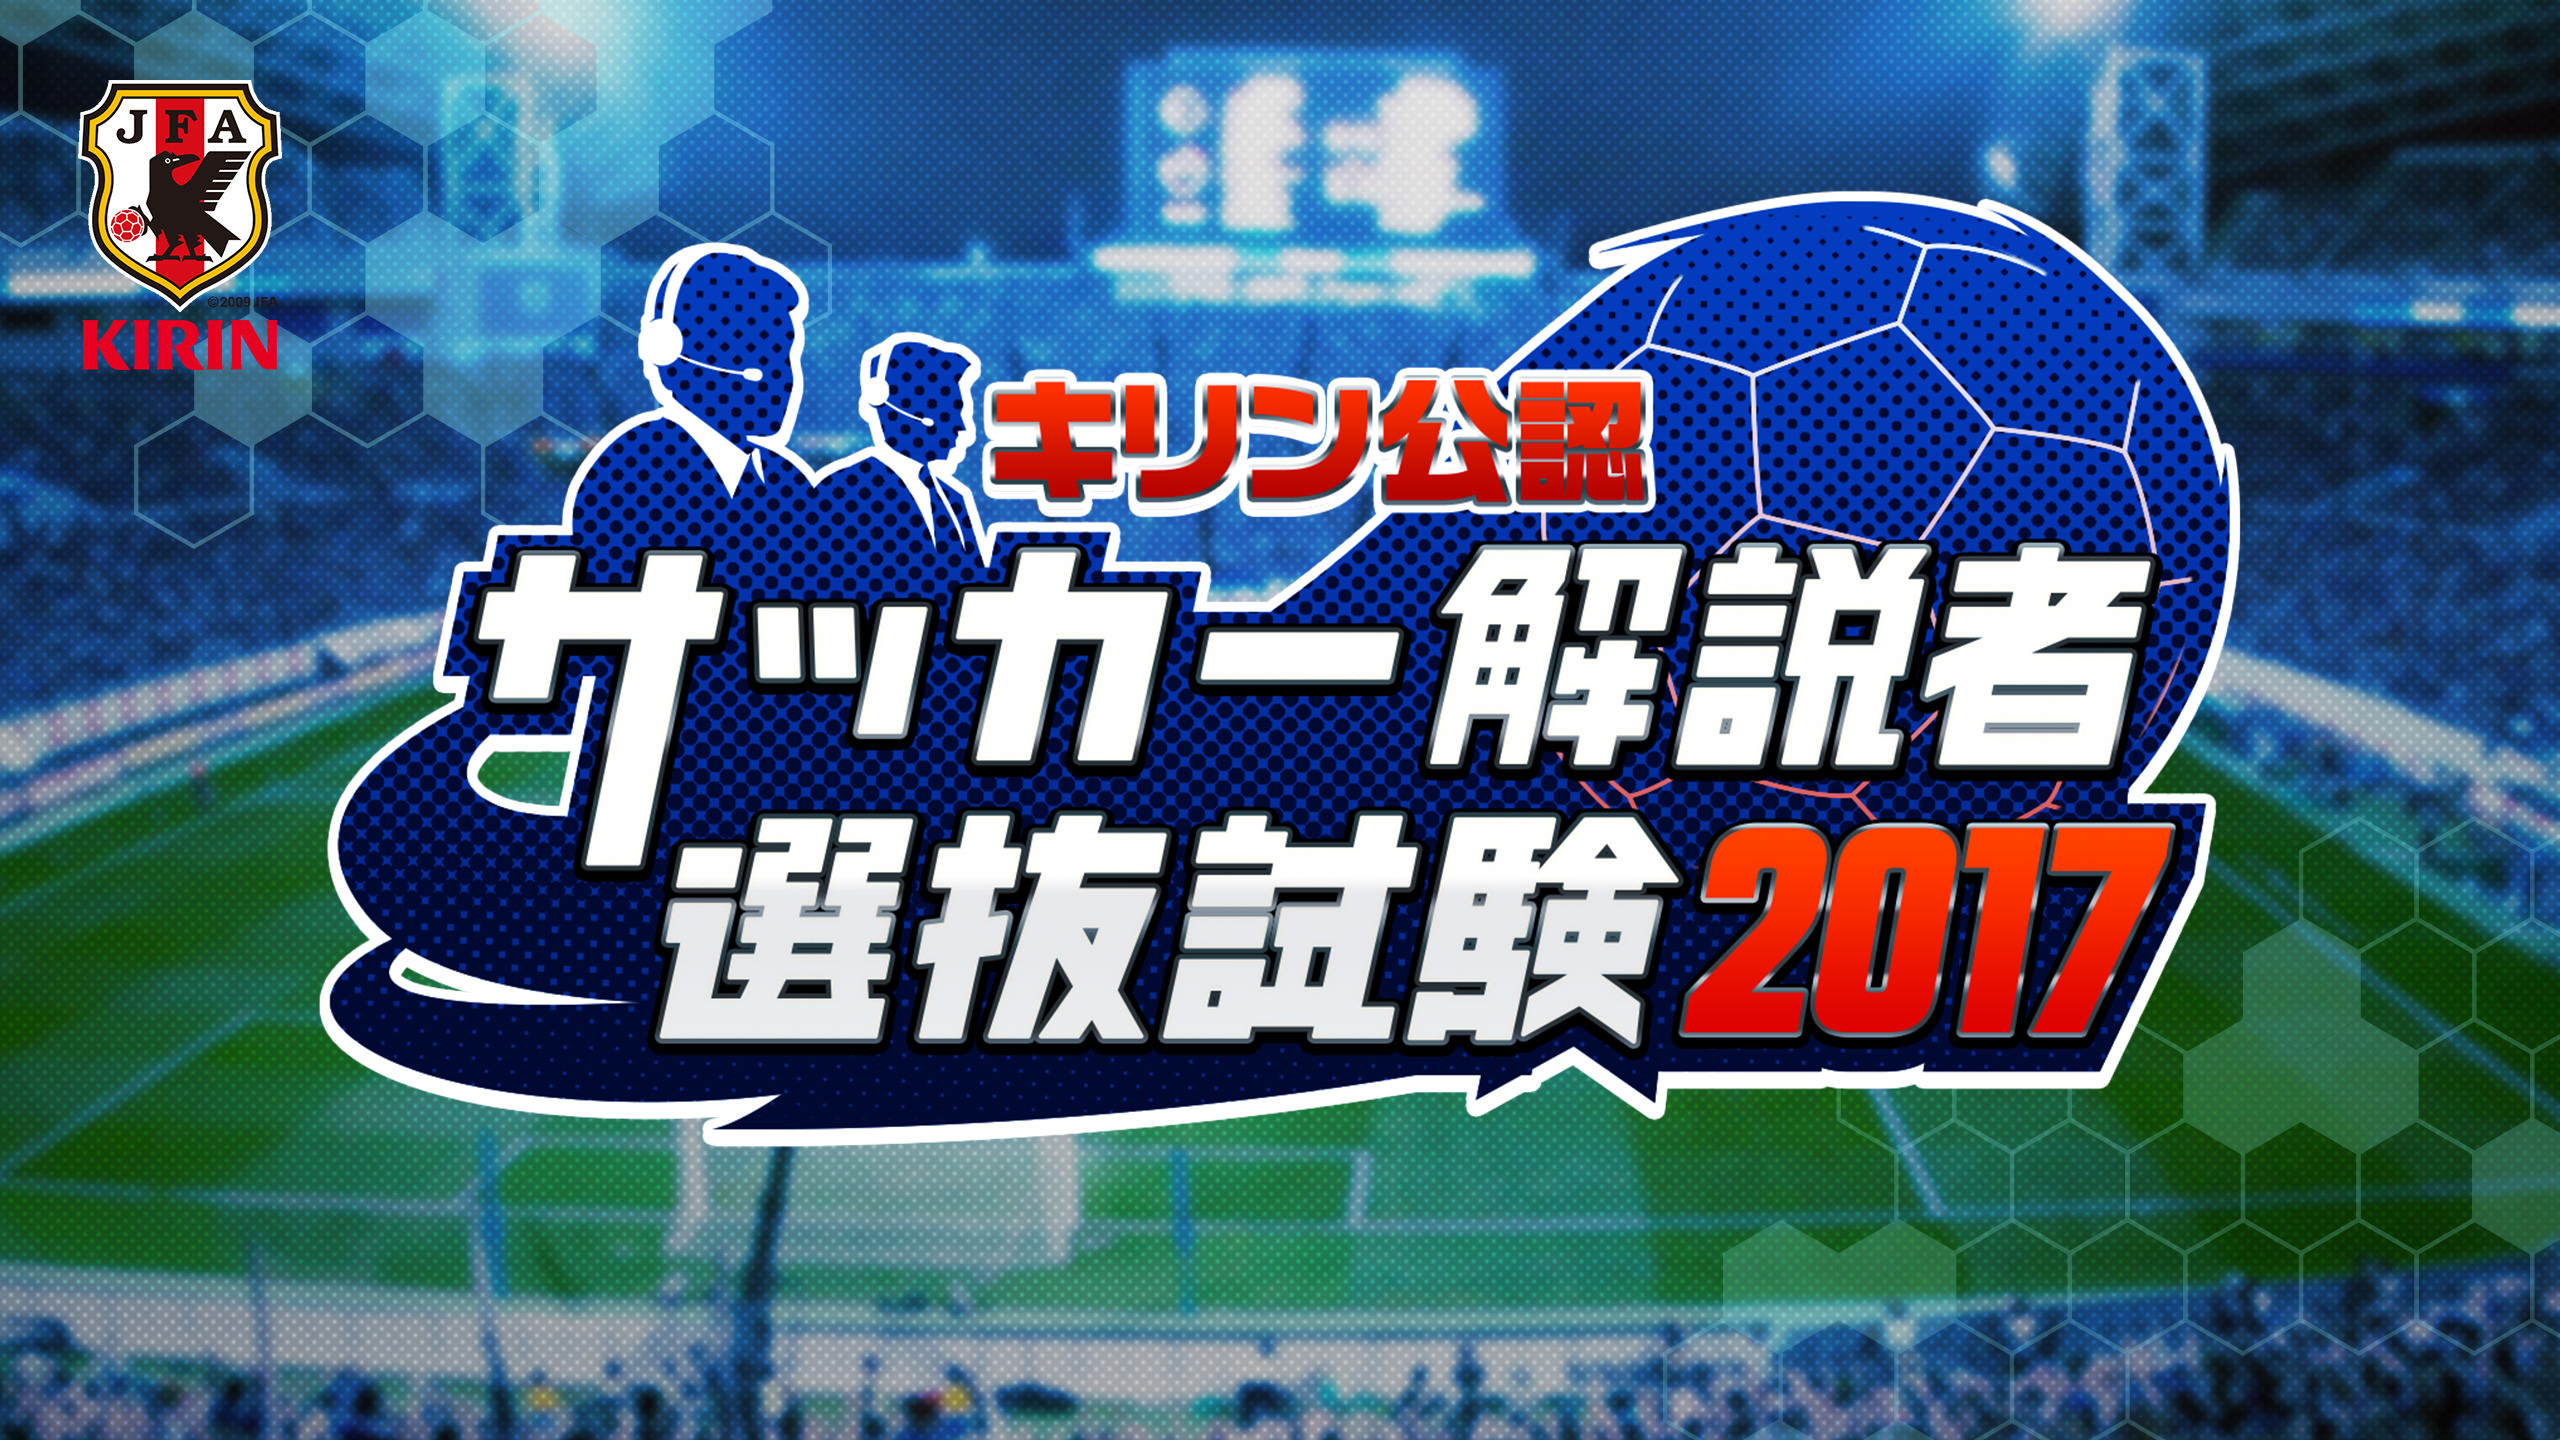 キリン公認 サッカー解説者選抜試験2017